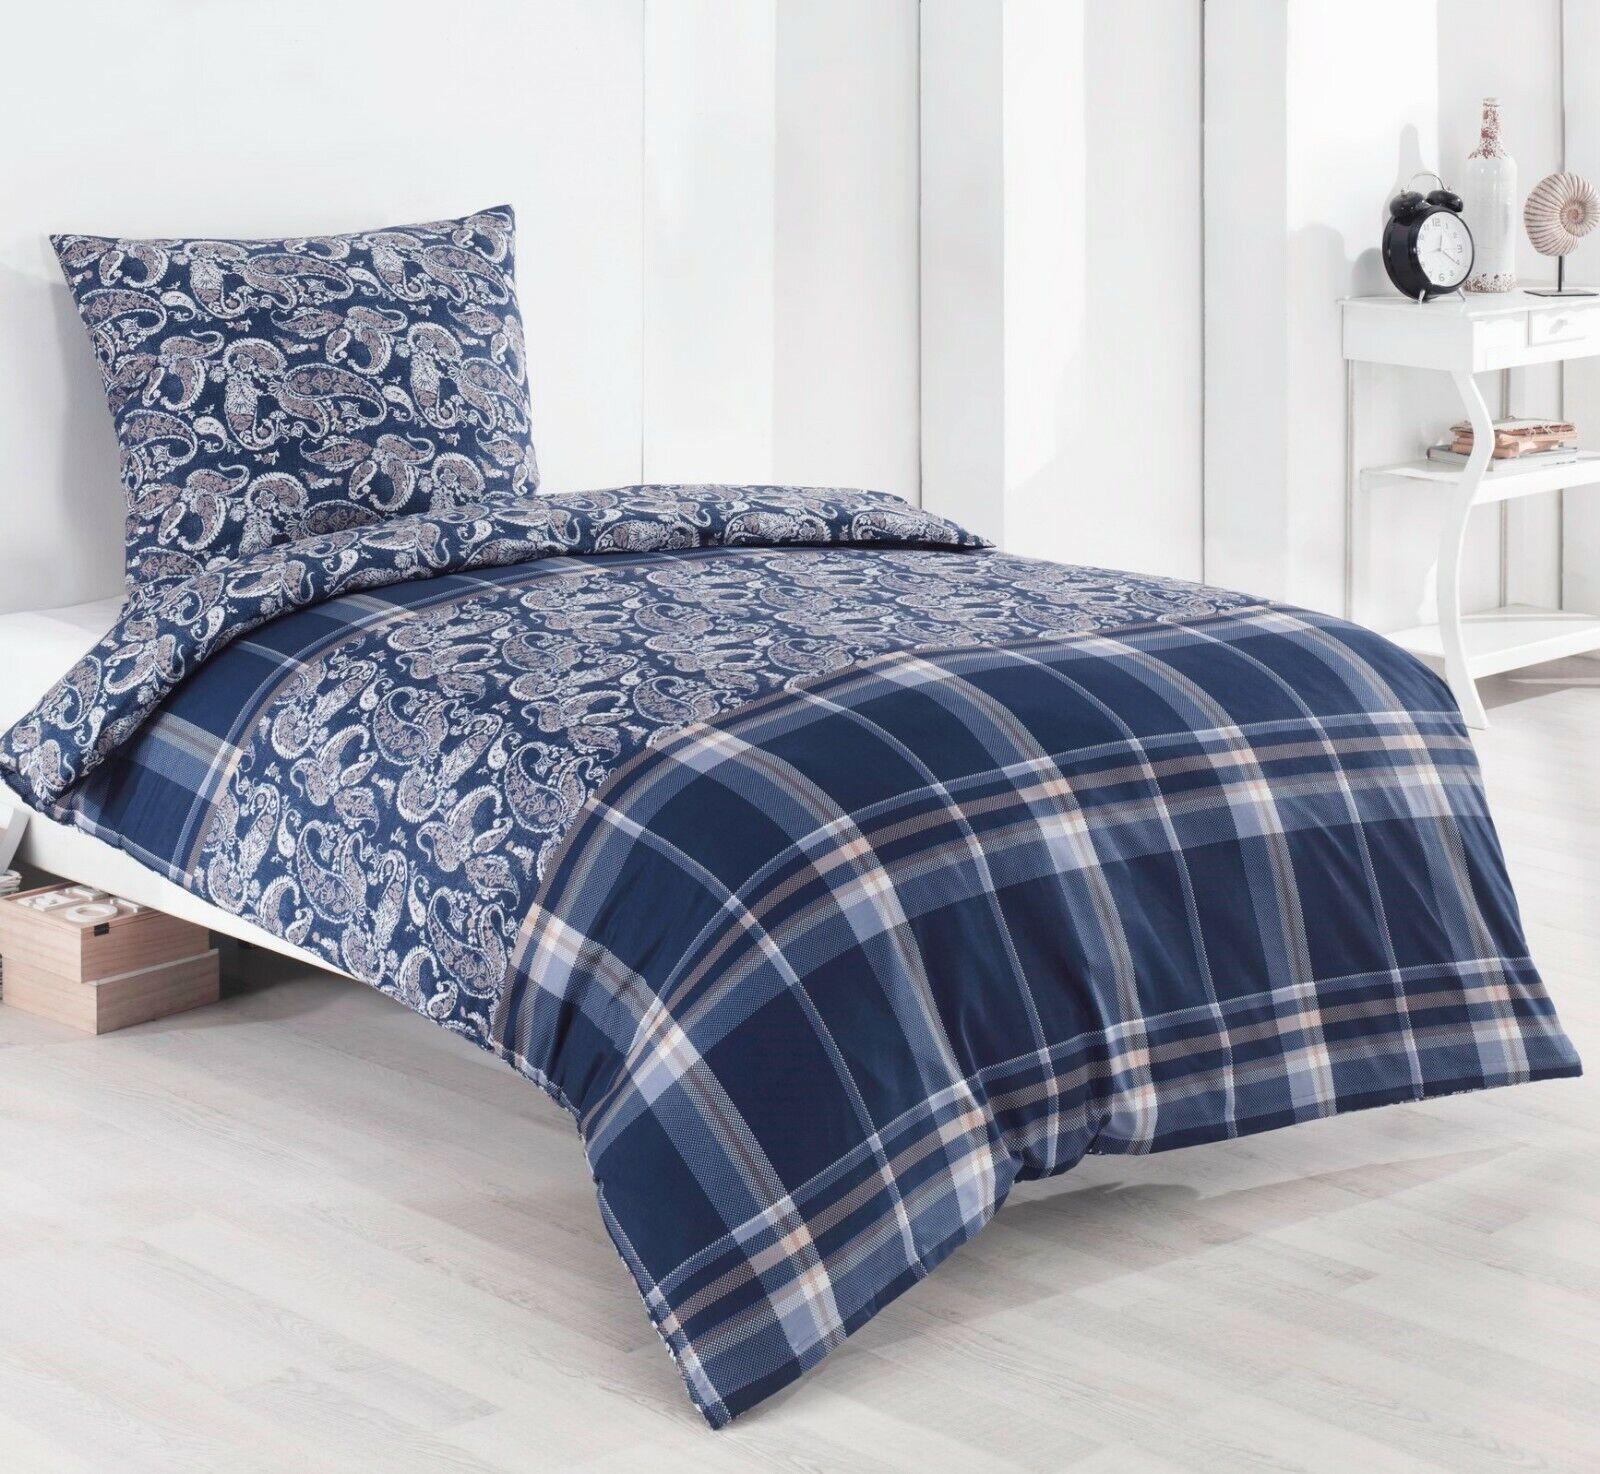 4 Tlg Bettwäsche 100 Baumwolle 135x200 Blau Karo Neu Qualitätsware